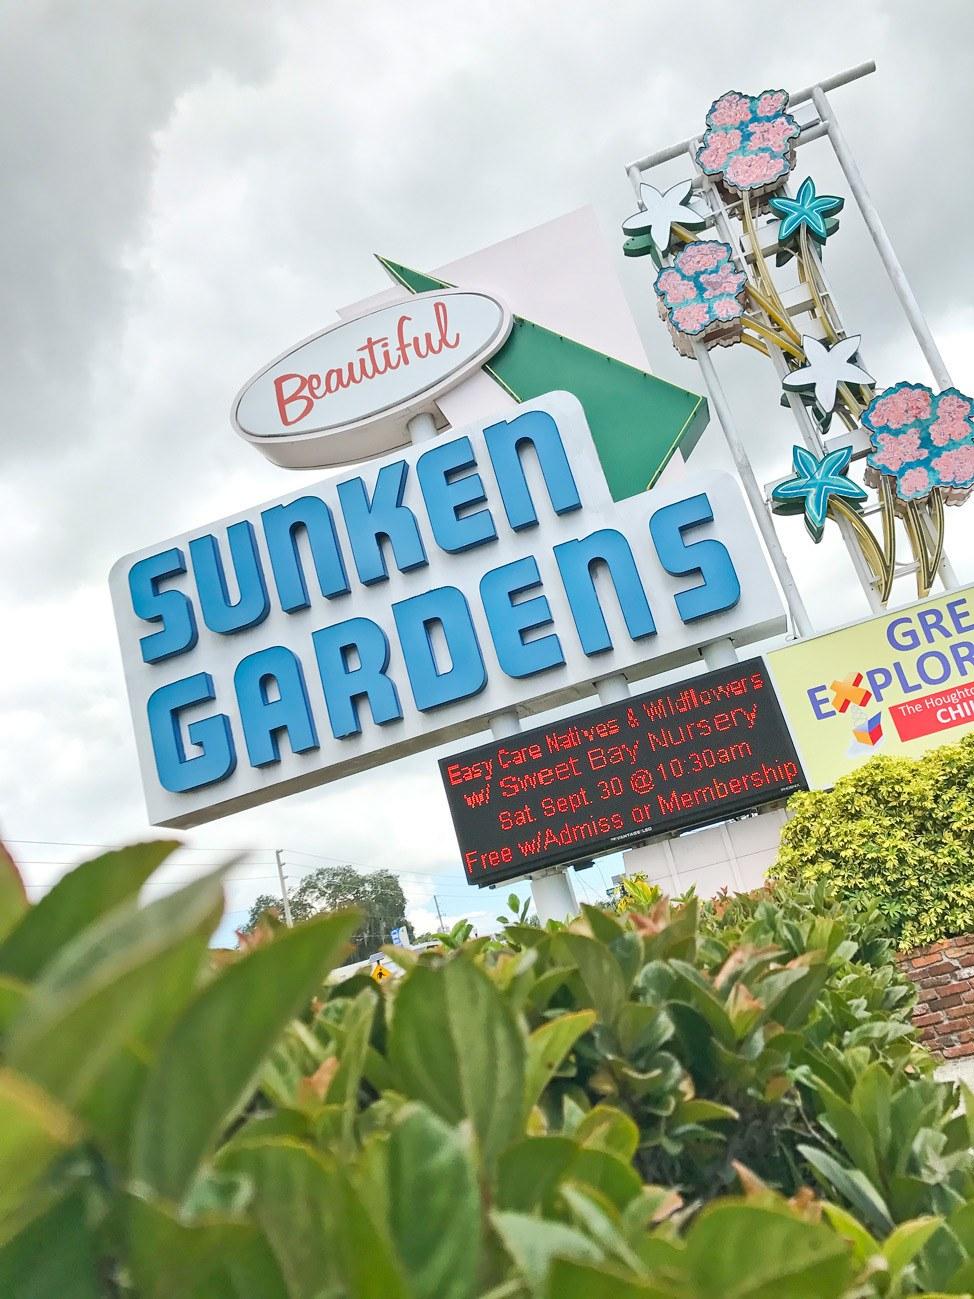 Sunken Gardens, St. Pete, Florida